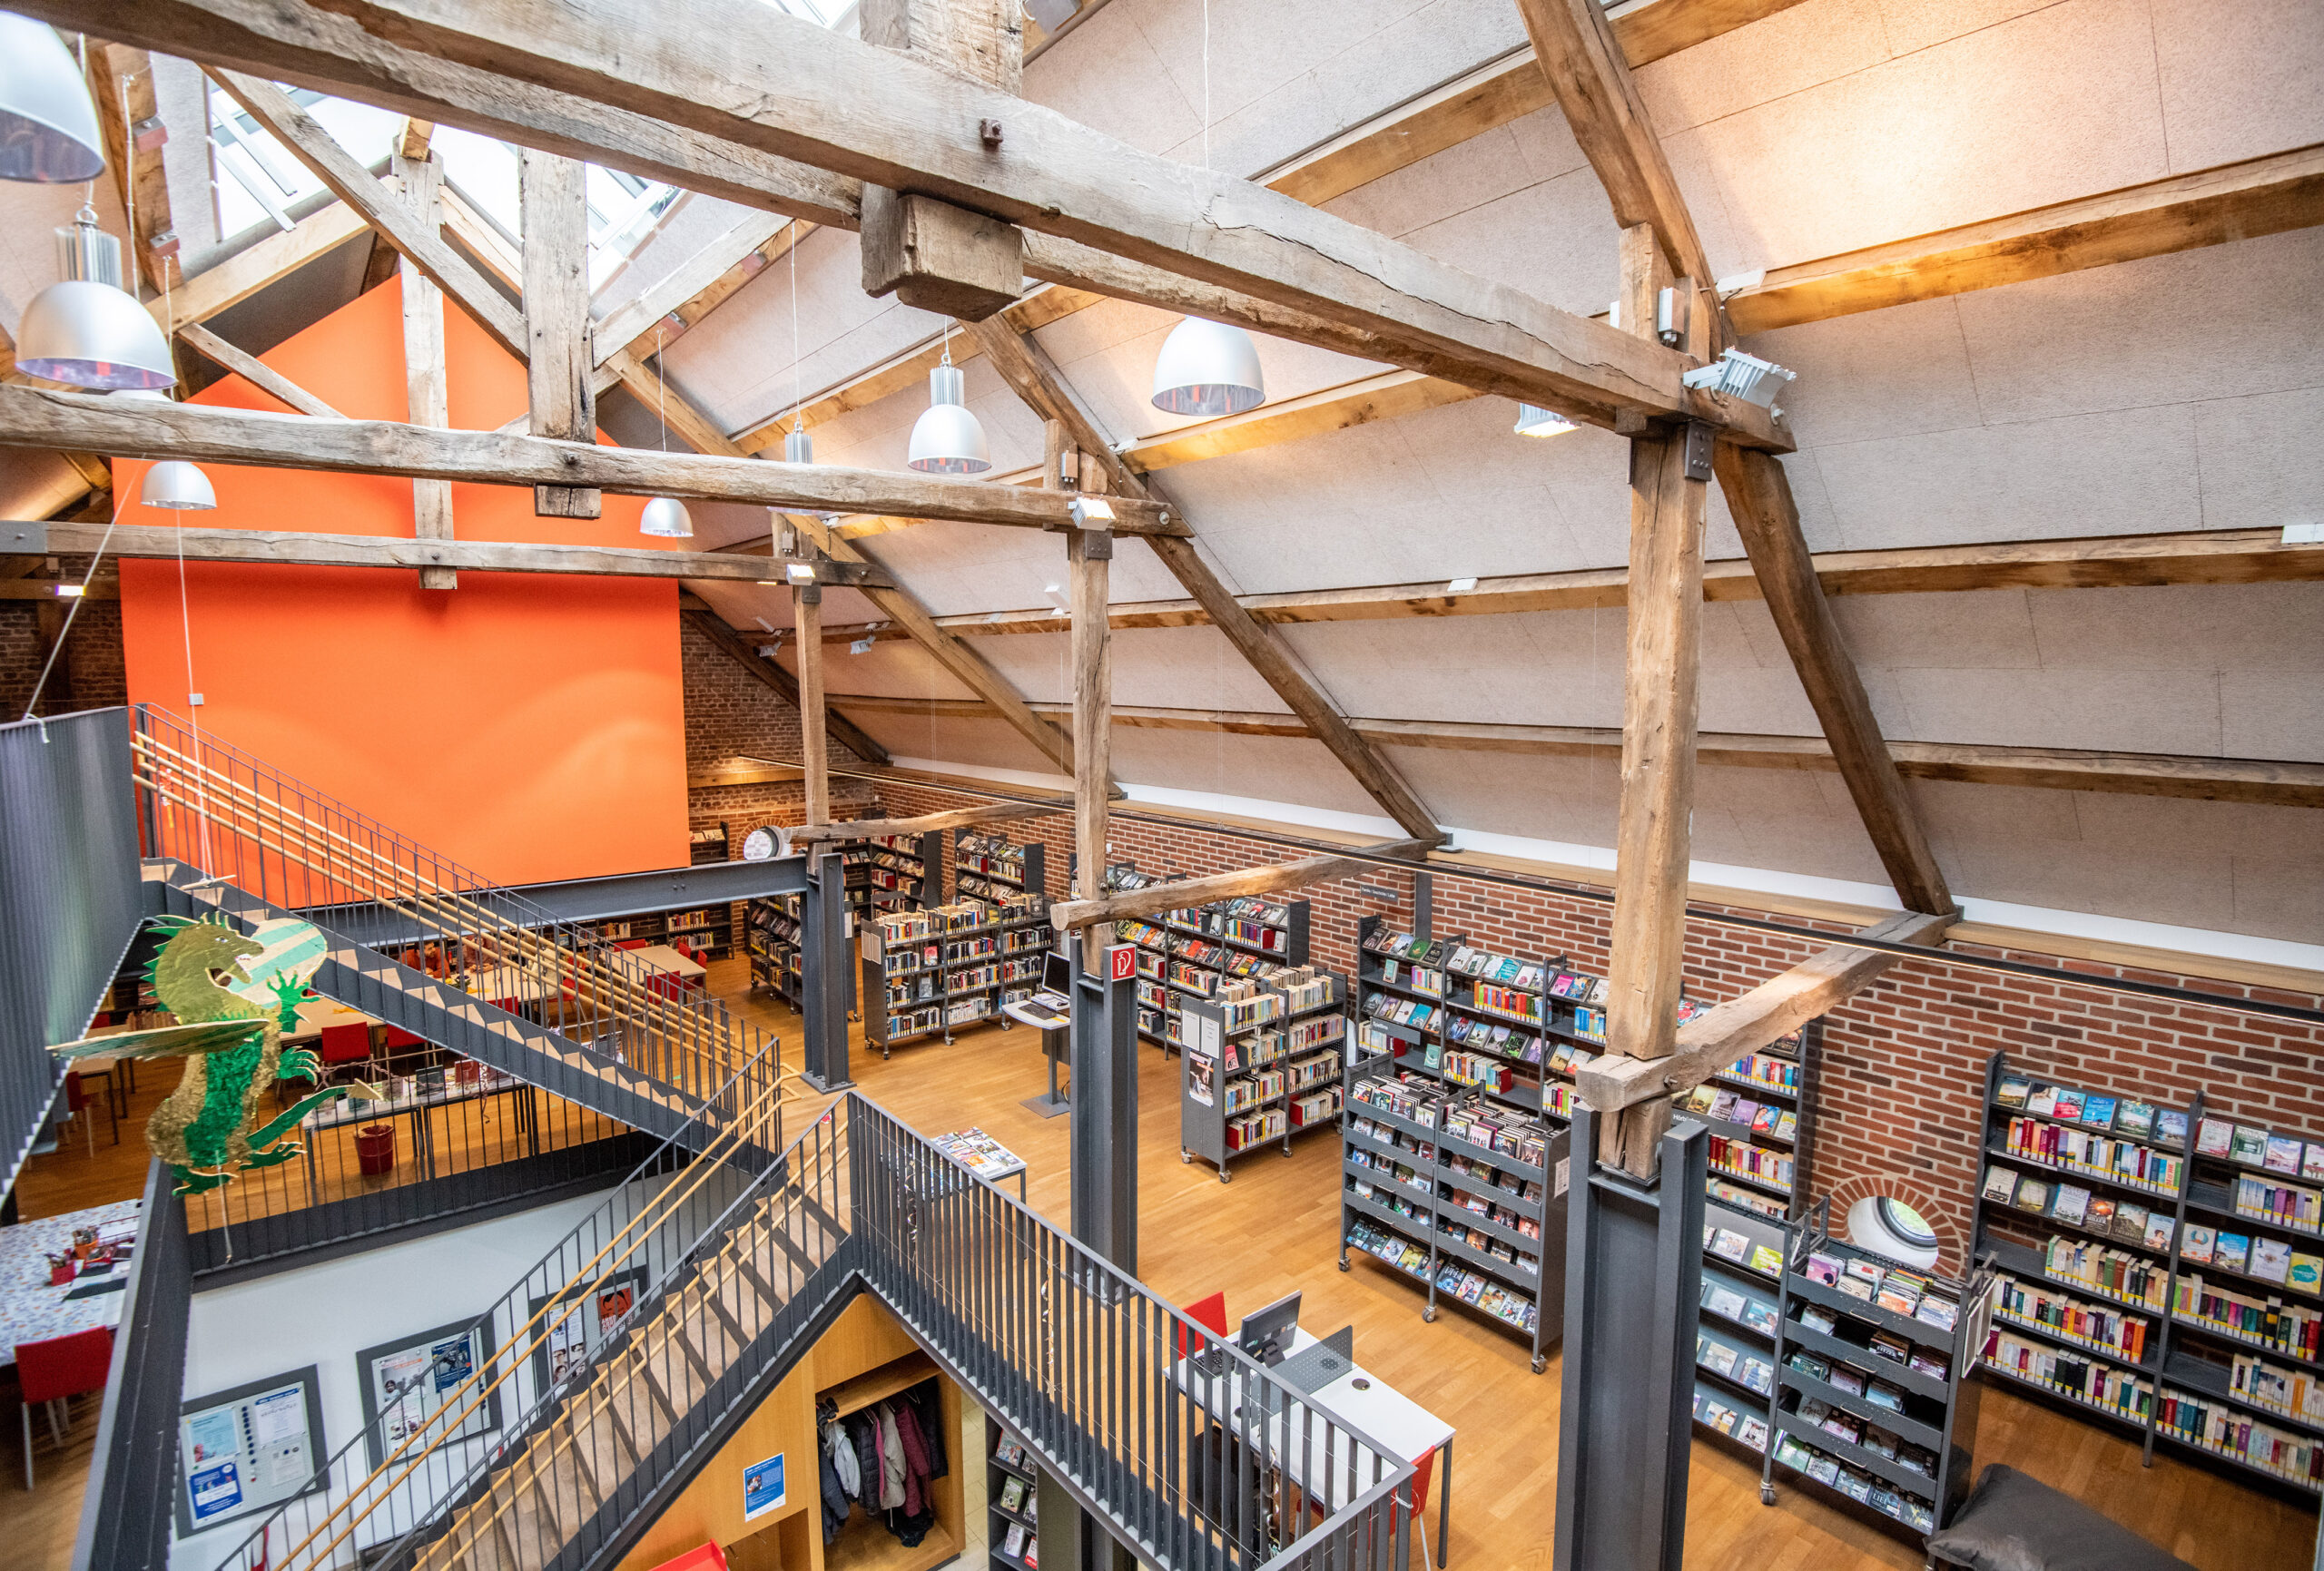 Die Stadtteilbibliothek Horst aufgenommen am 20.02.2020 in Gelsenkirchen. Foto: Stadt Gelsenkirchen/ Caroline Seidel